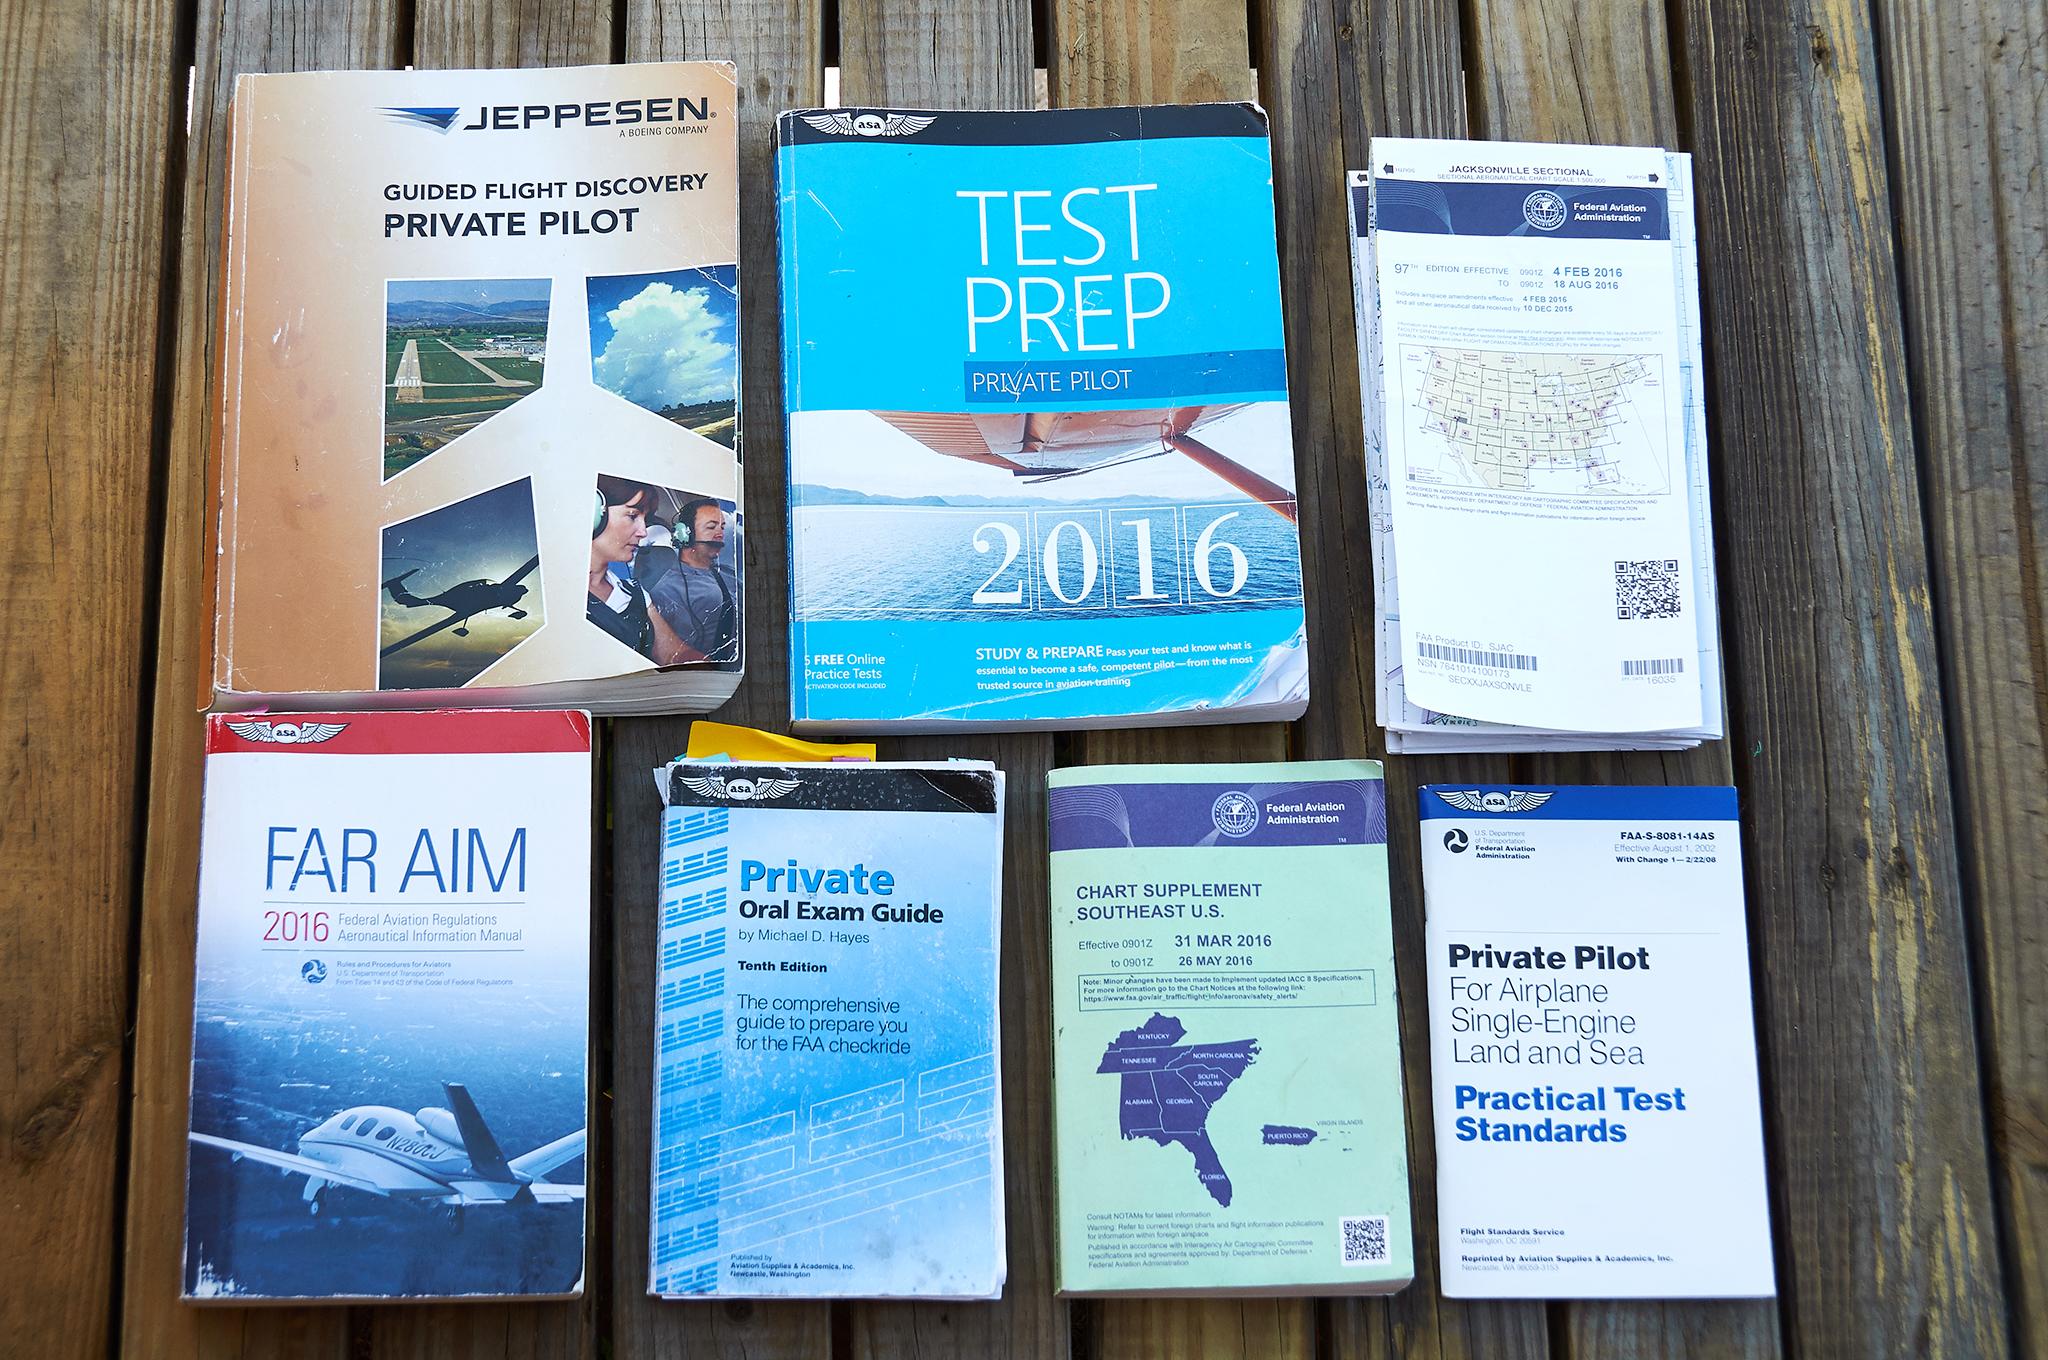 The books we used in our preparation ~ Книги, которые мы использовали в нашей подготовке